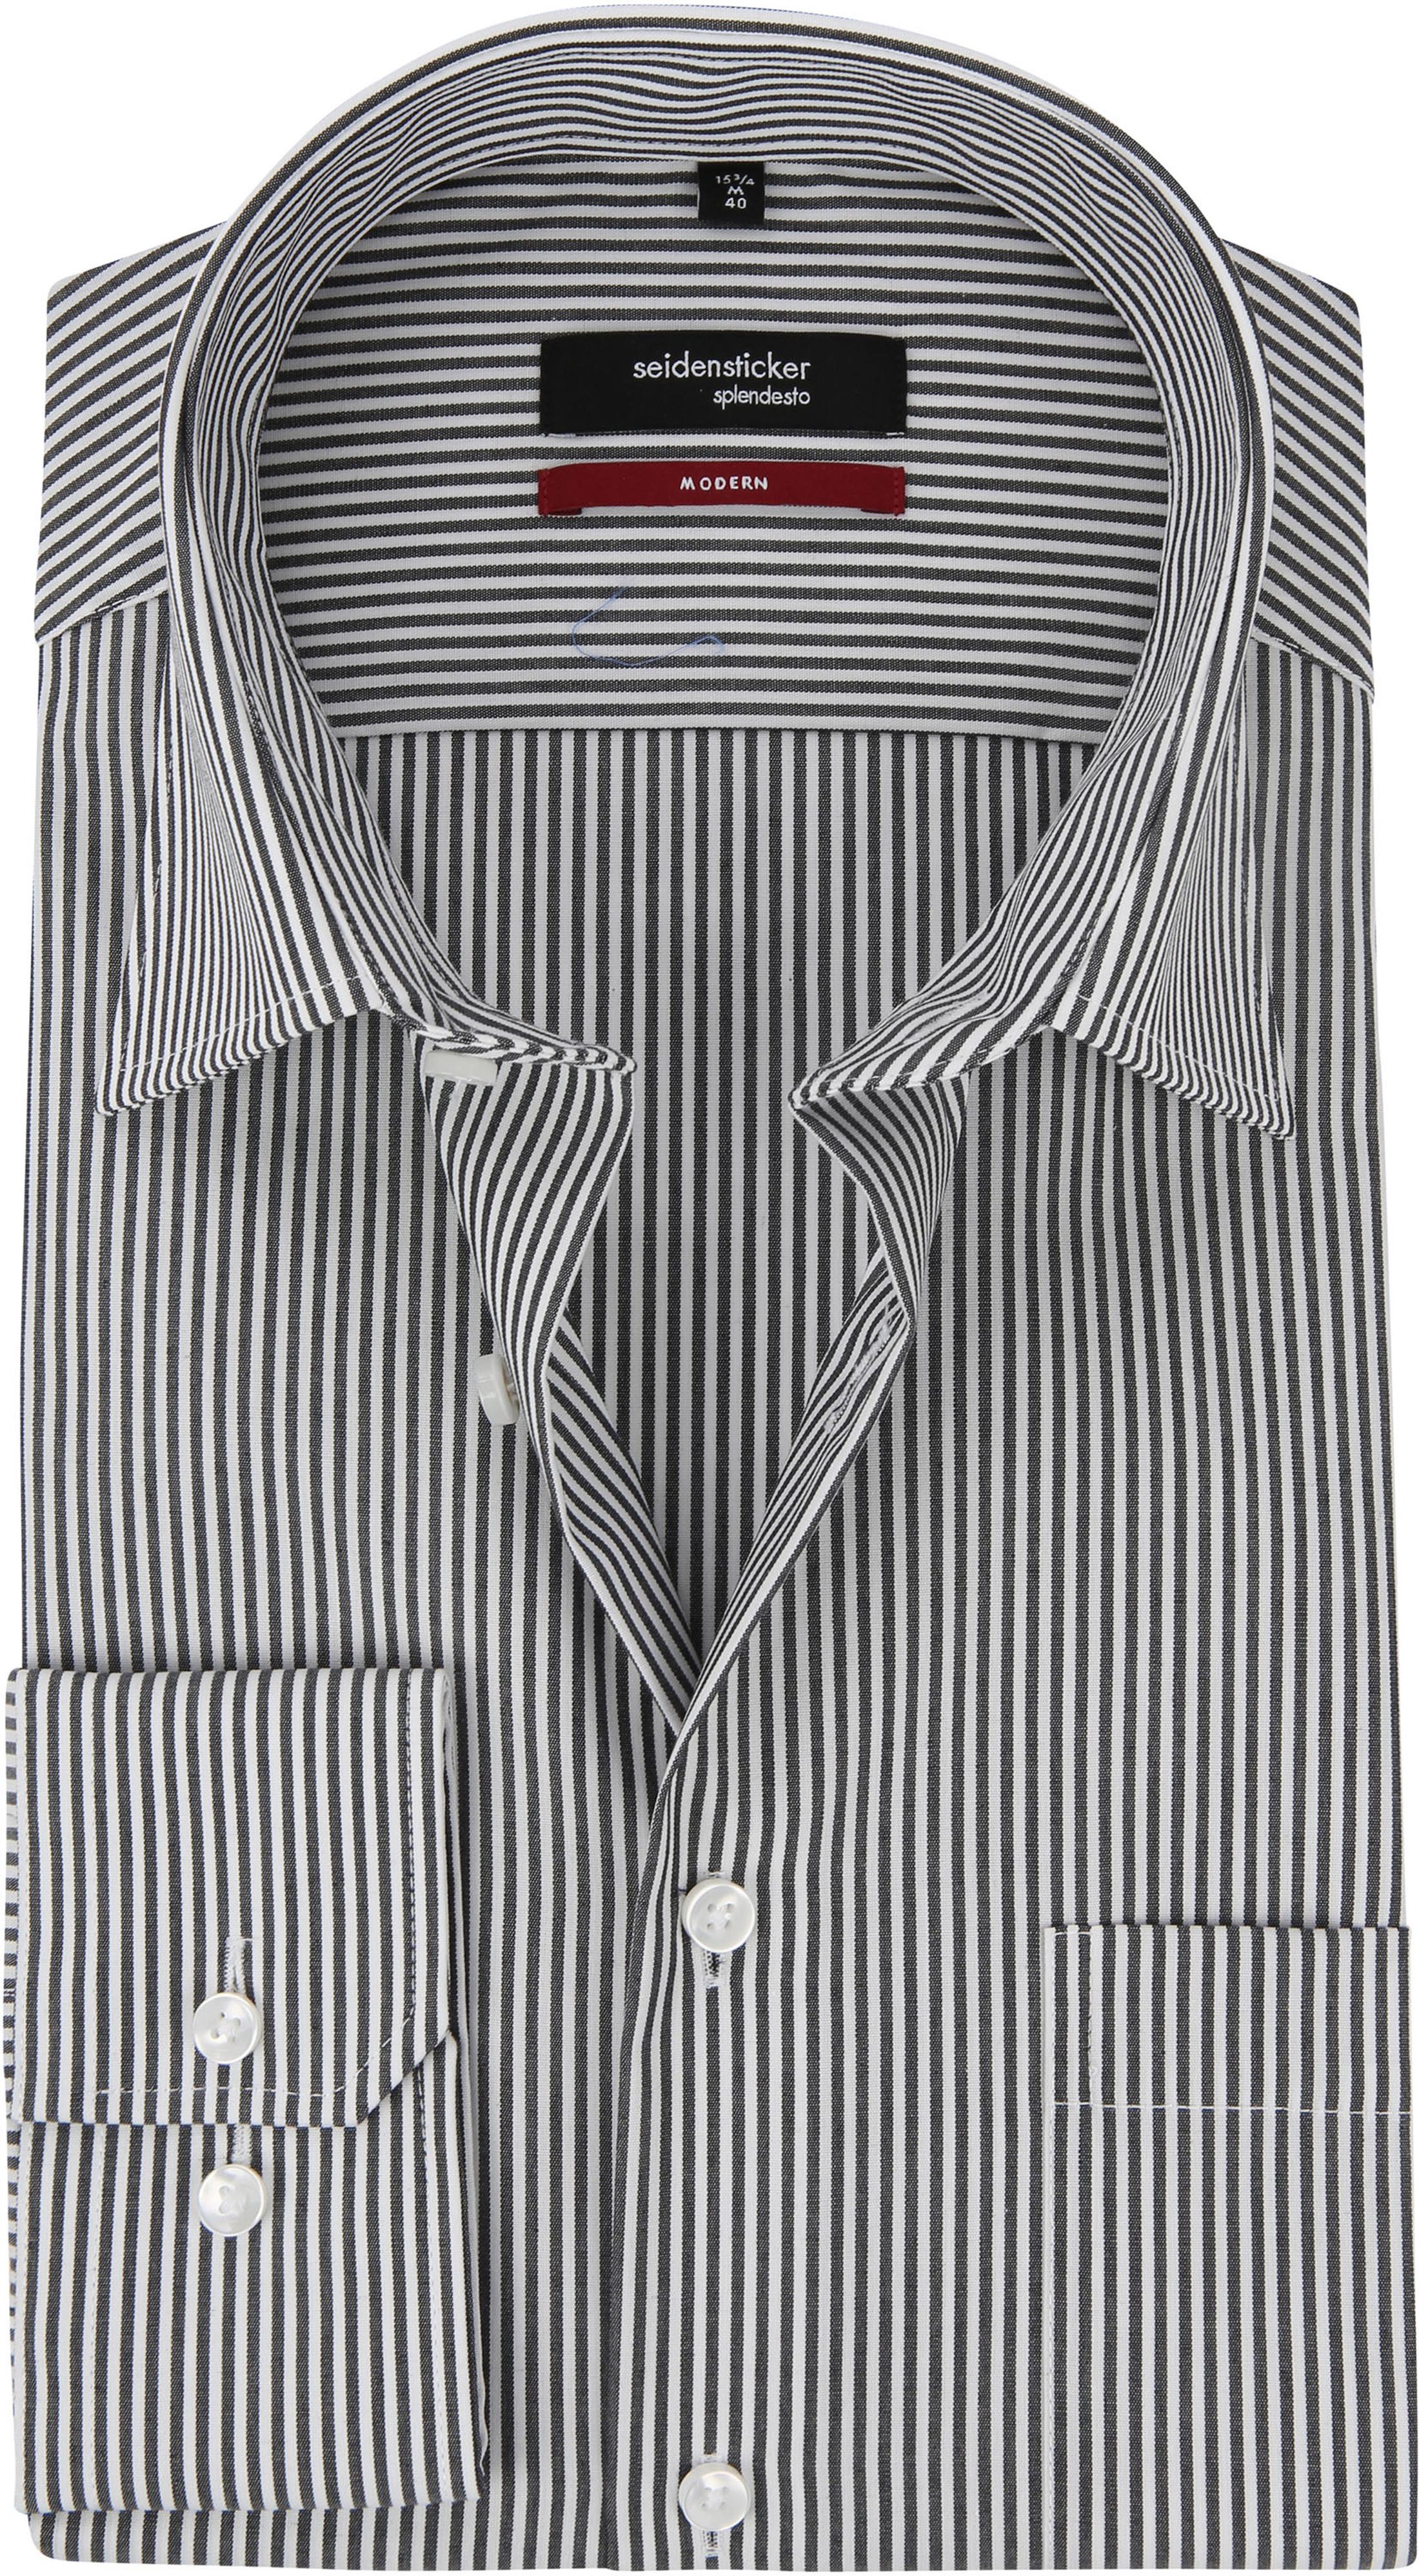 Seidensticker Hemd Bügelfrei Modern Schwarz Weiß Streifen foto 0